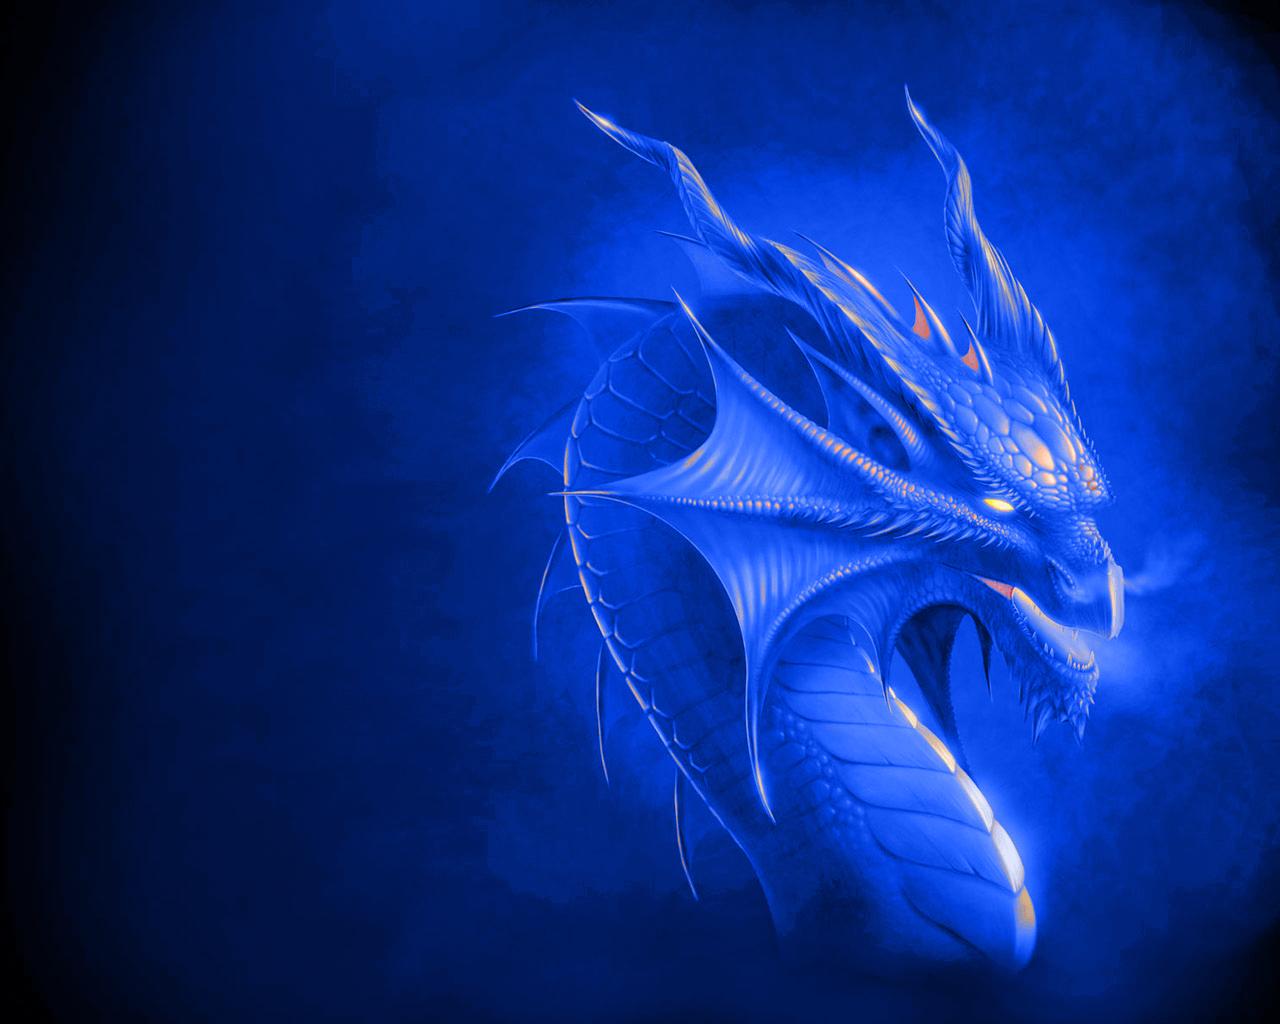 cool blue dragon wallpaper - photo #14